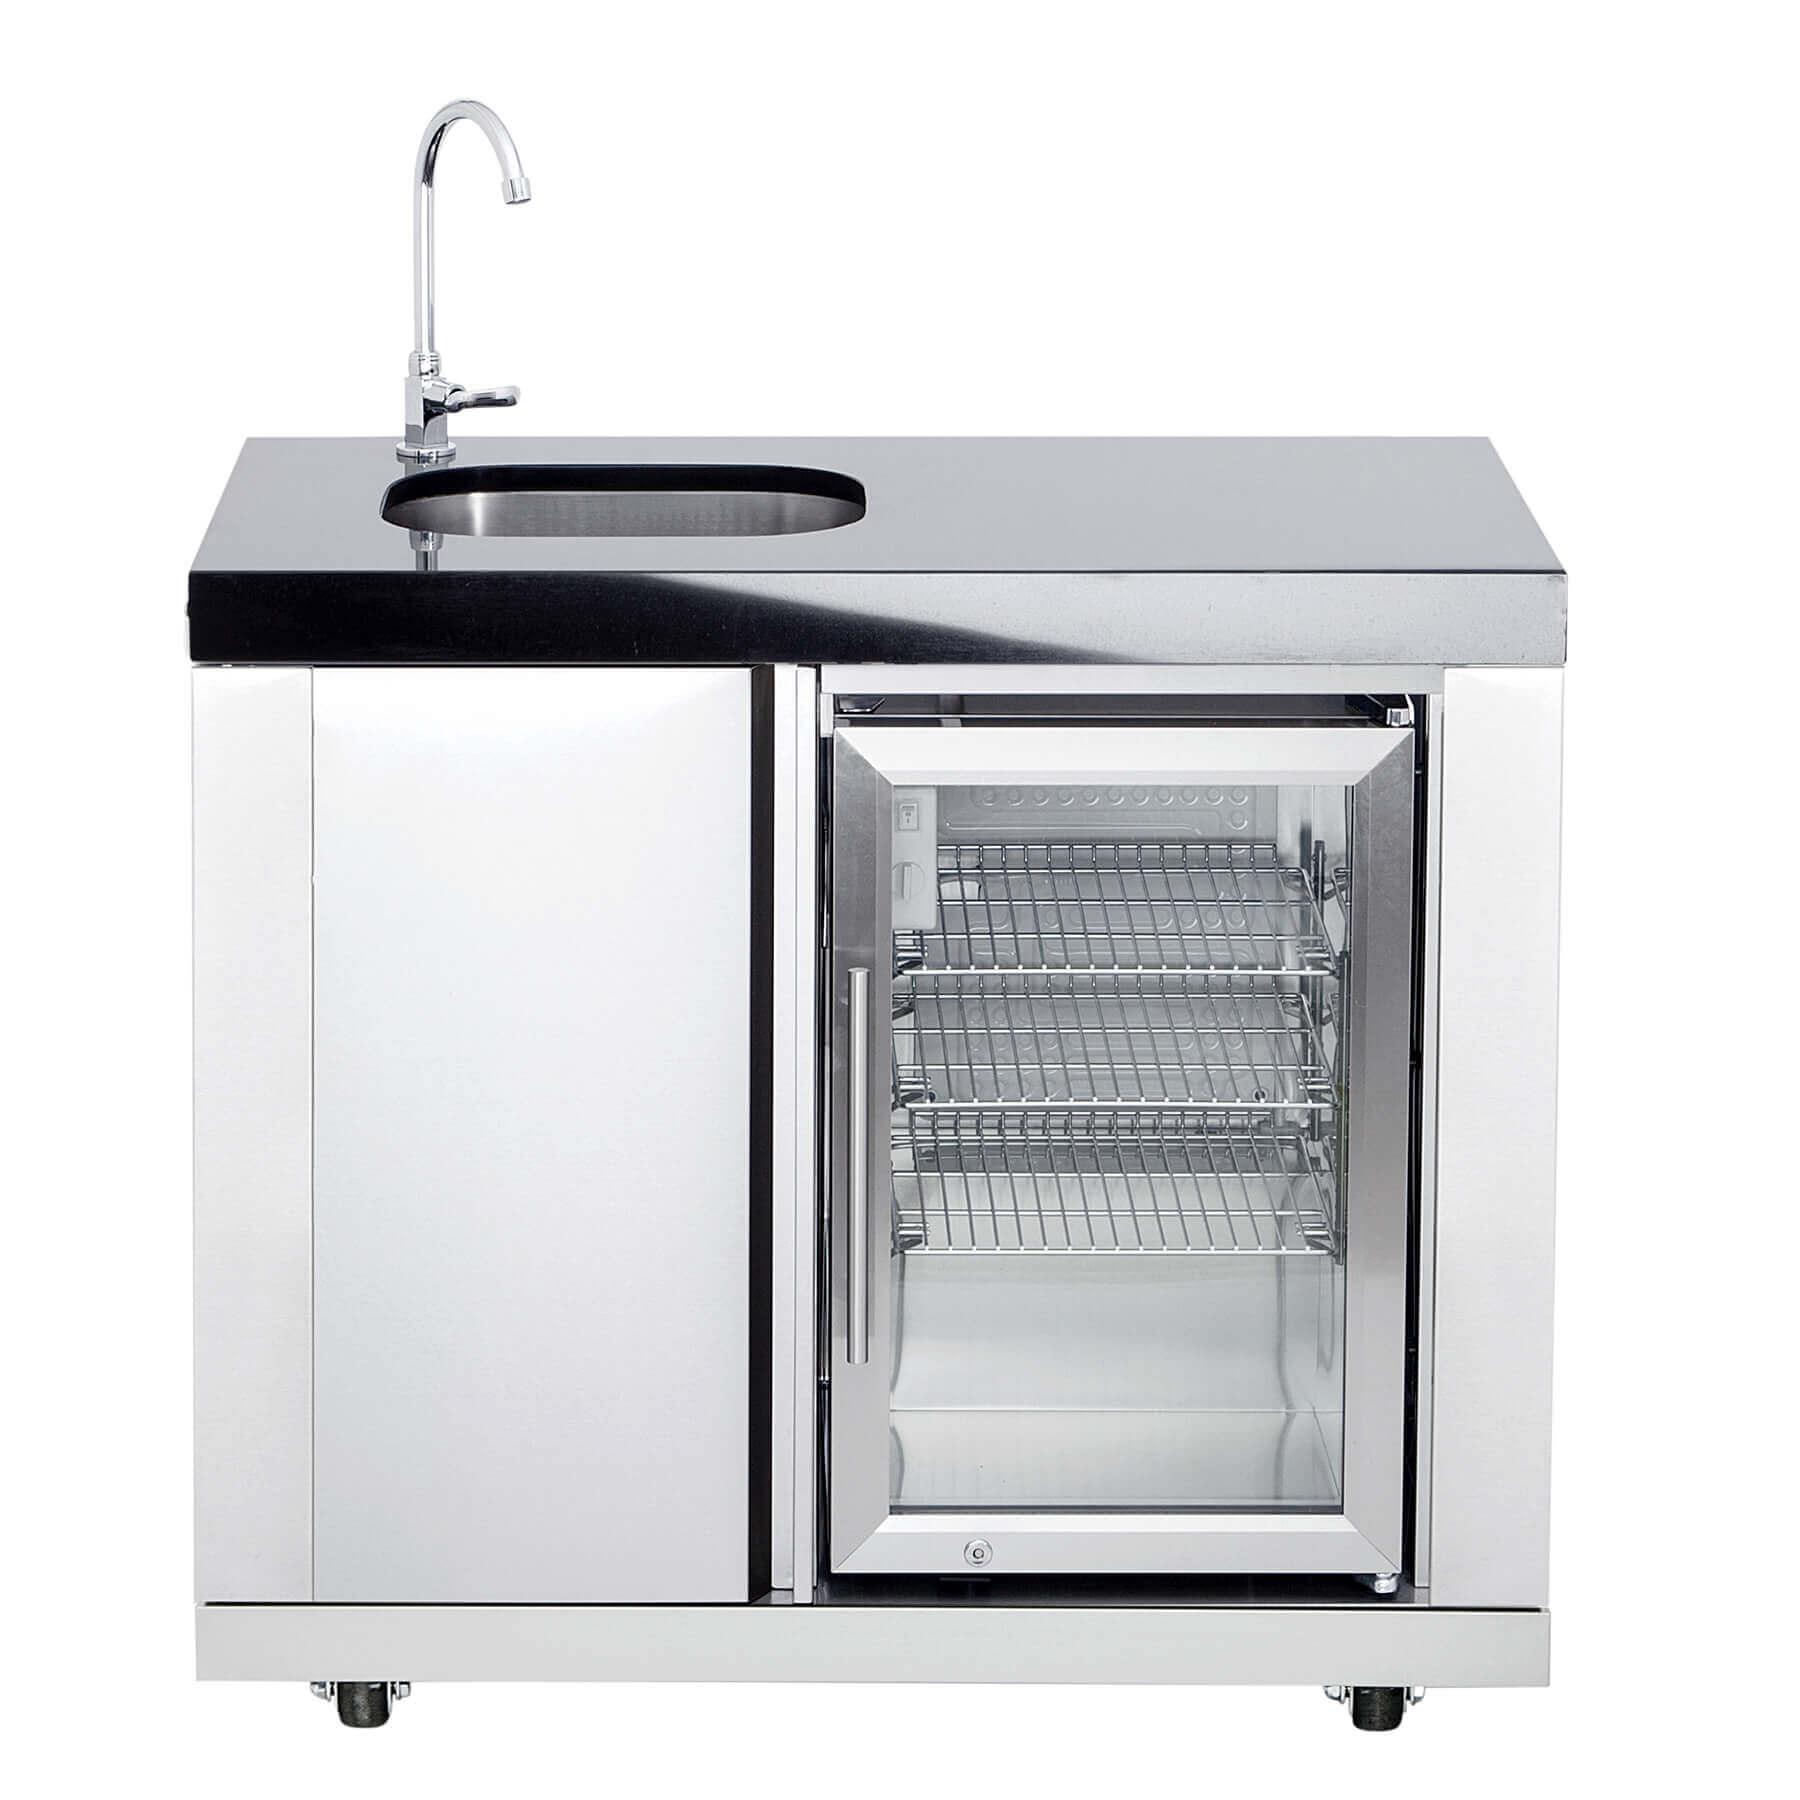 waschbecken und kühlschrank